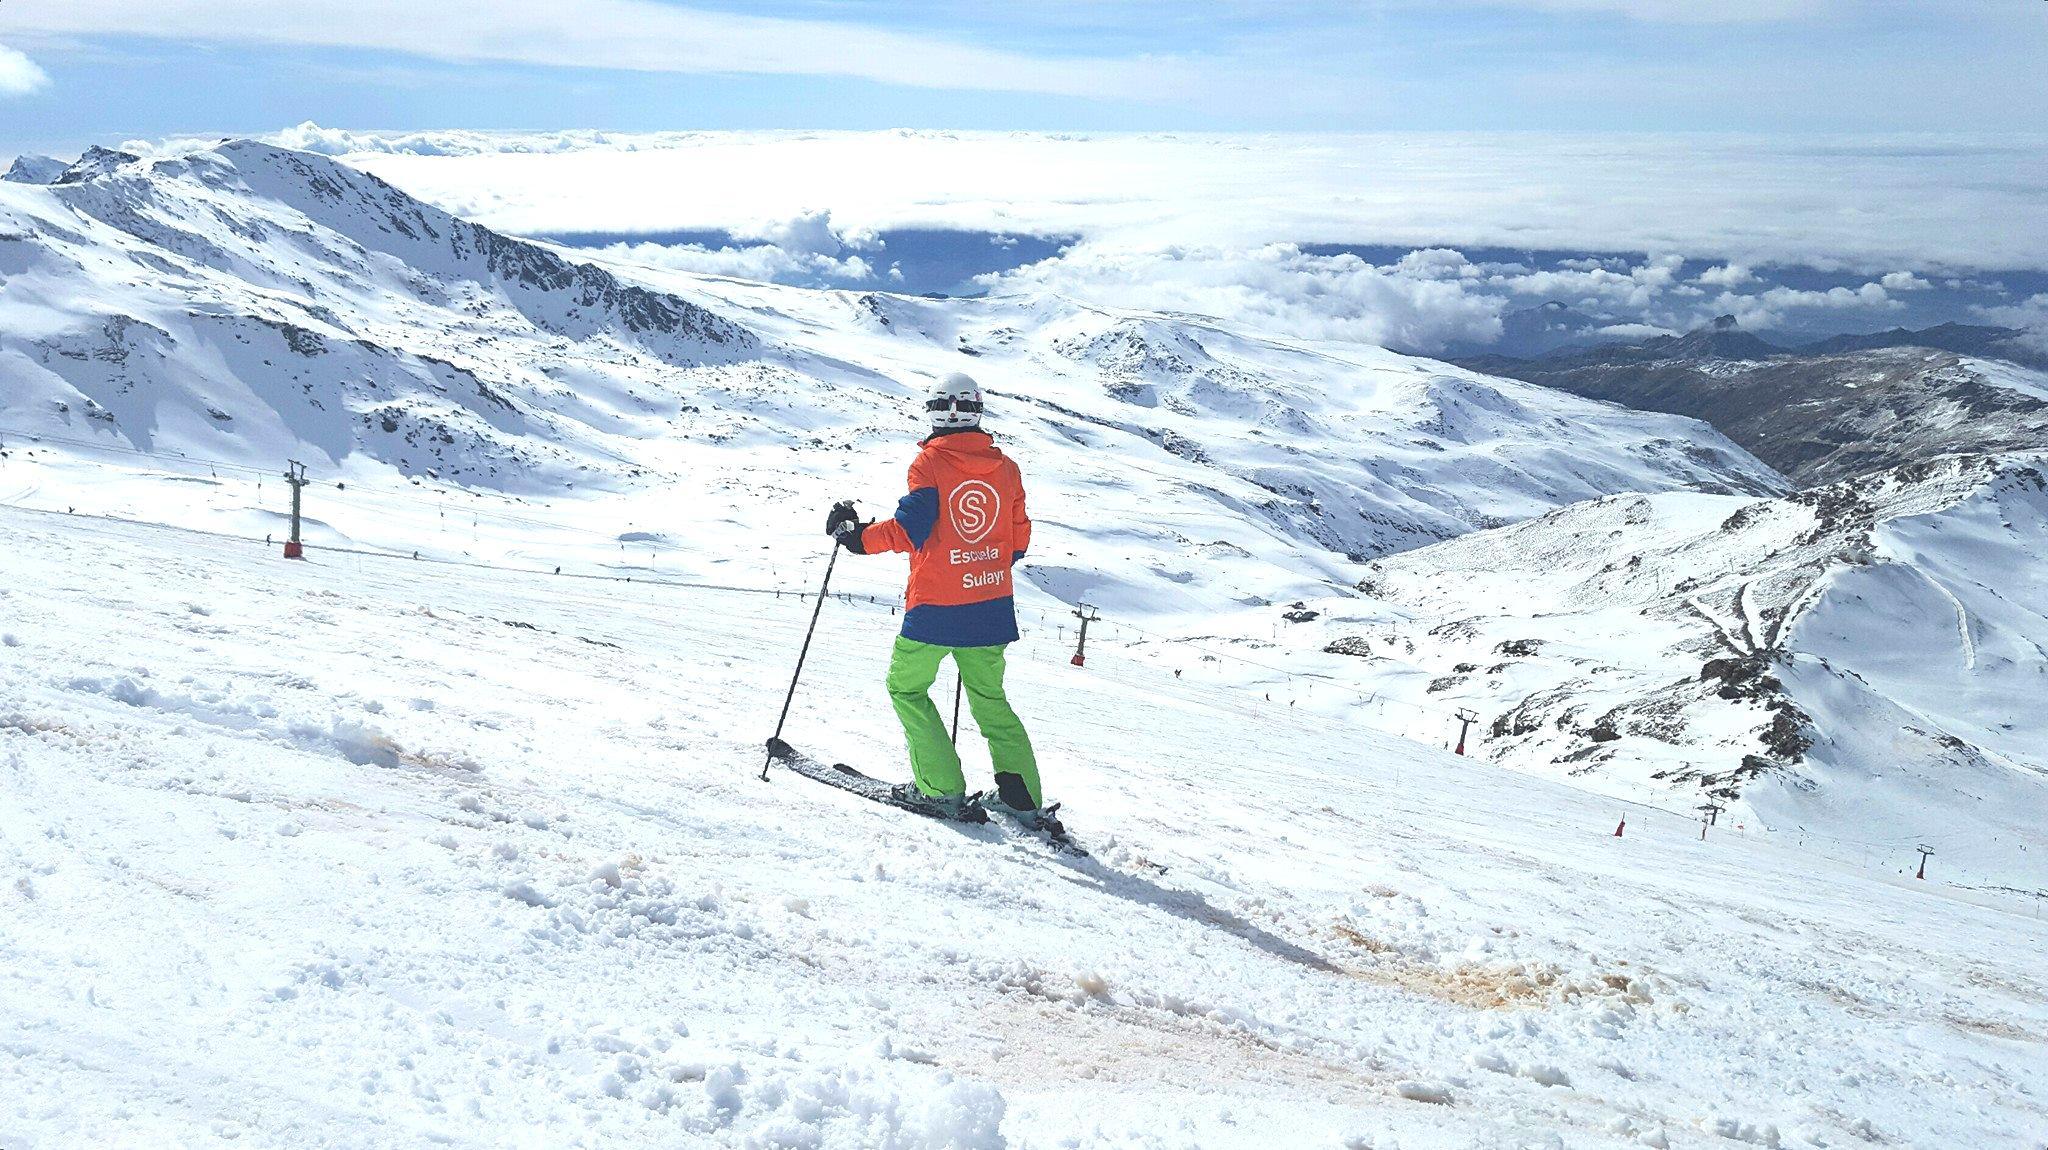 Privé skilessen voor volwassenen vanaf 13 jaar voor alle niveaus